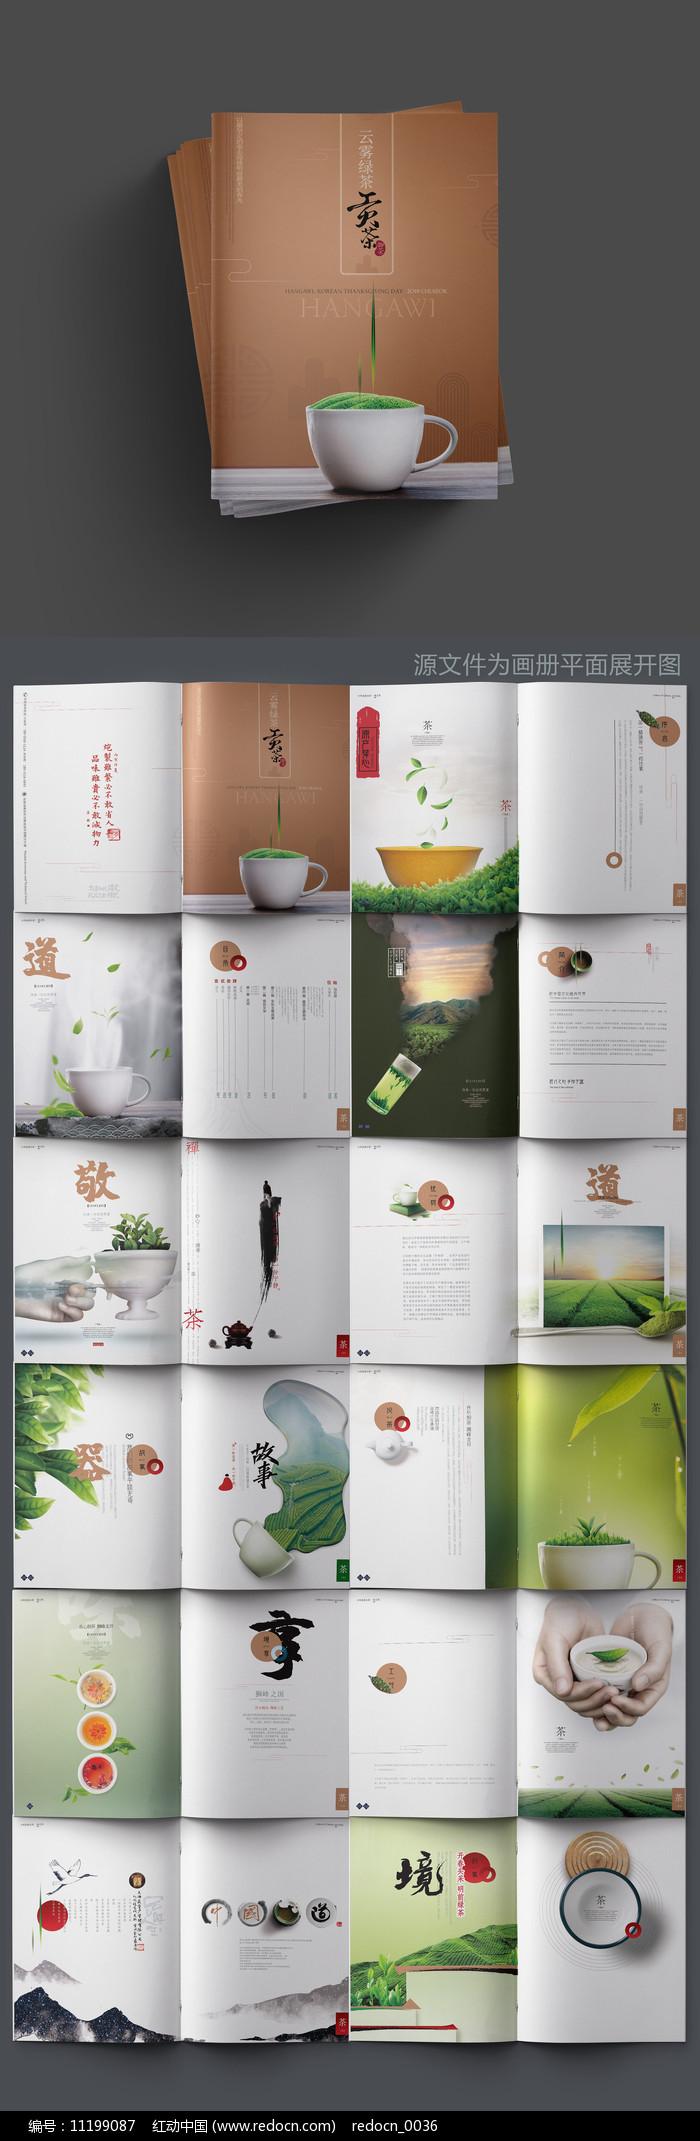 中国风茶叶画册图片